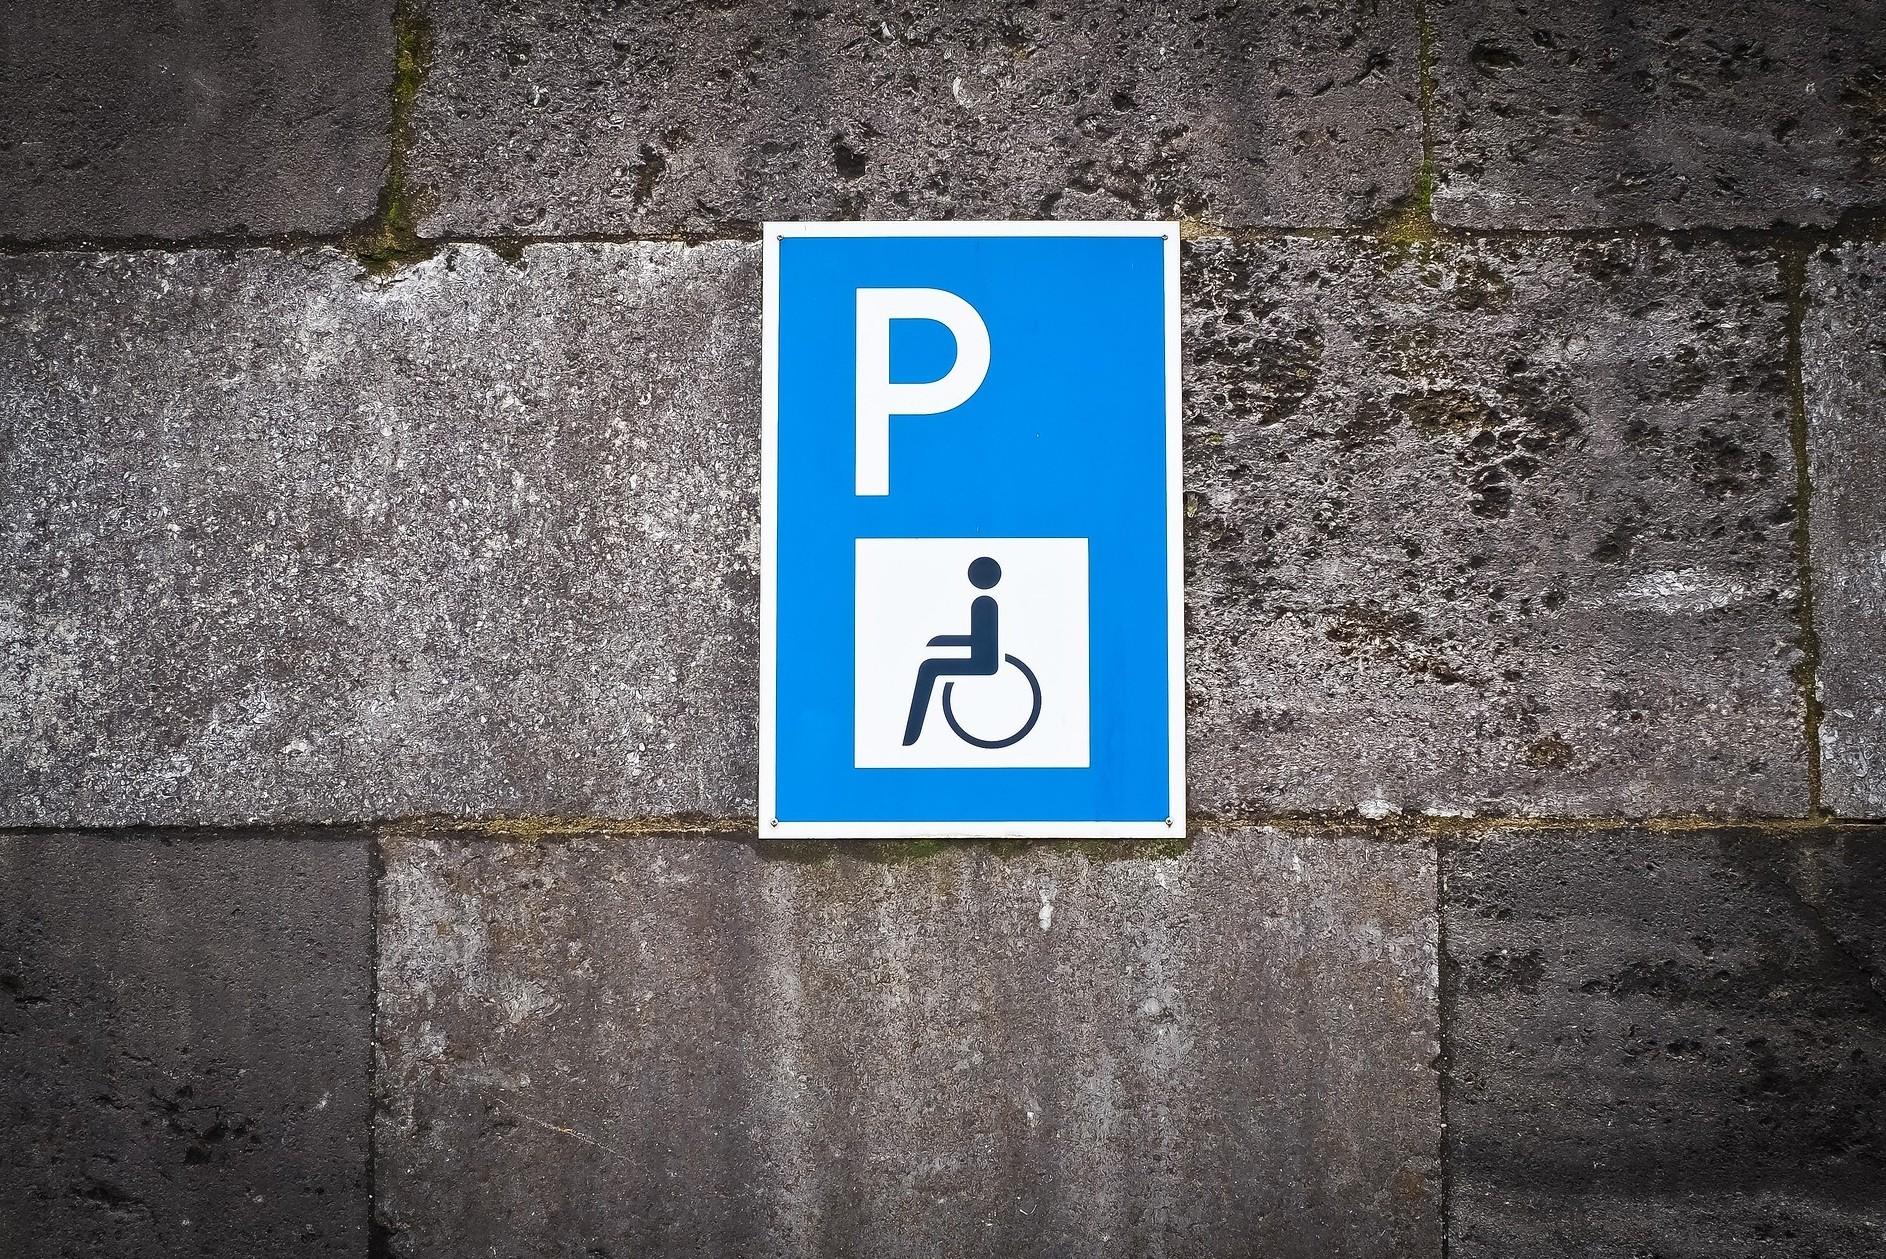 Contrassegno auto disabili e invalidi, c